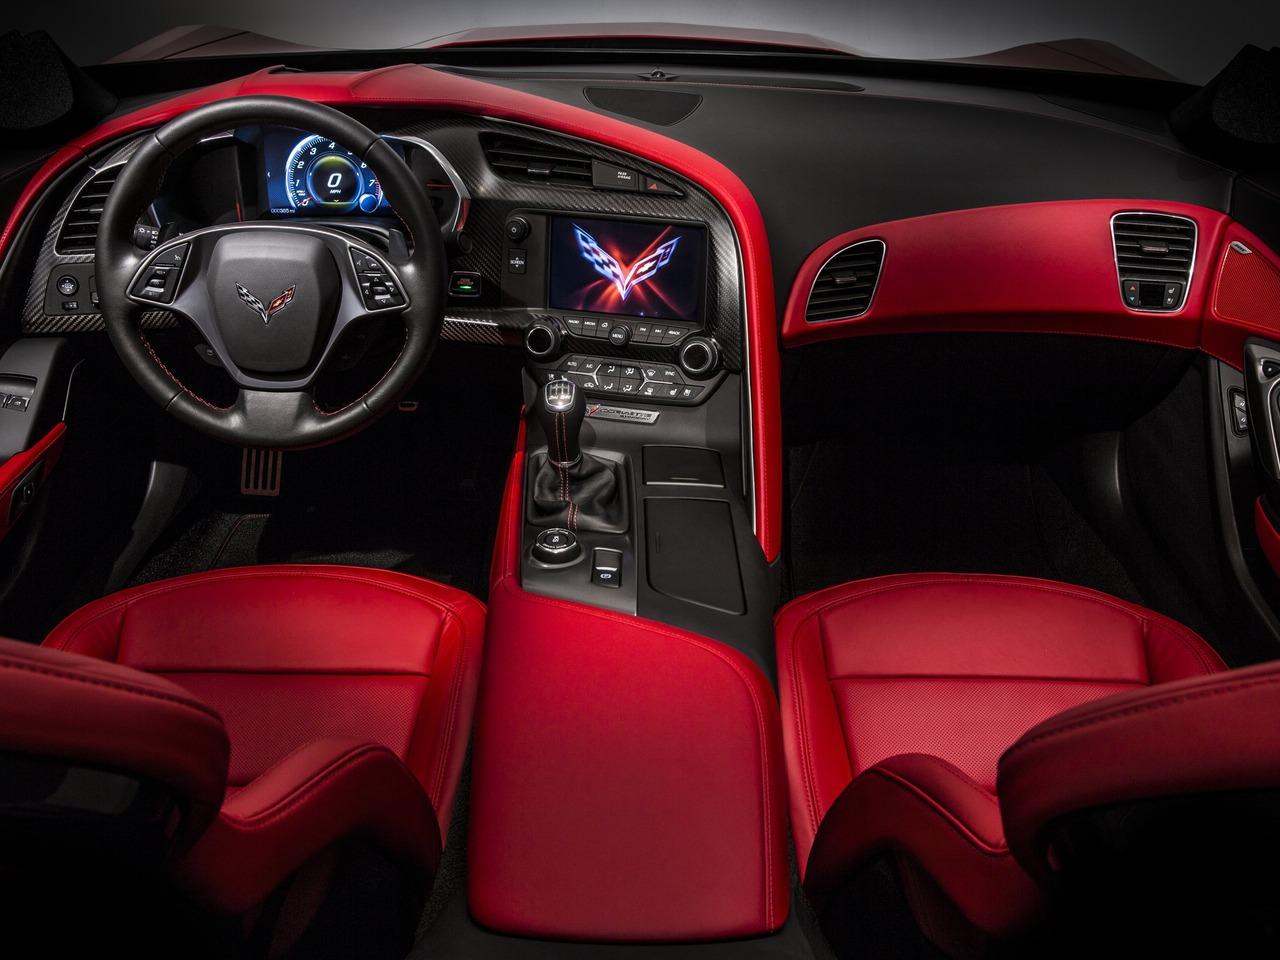 Снимки: Chevrolet Corvette C7